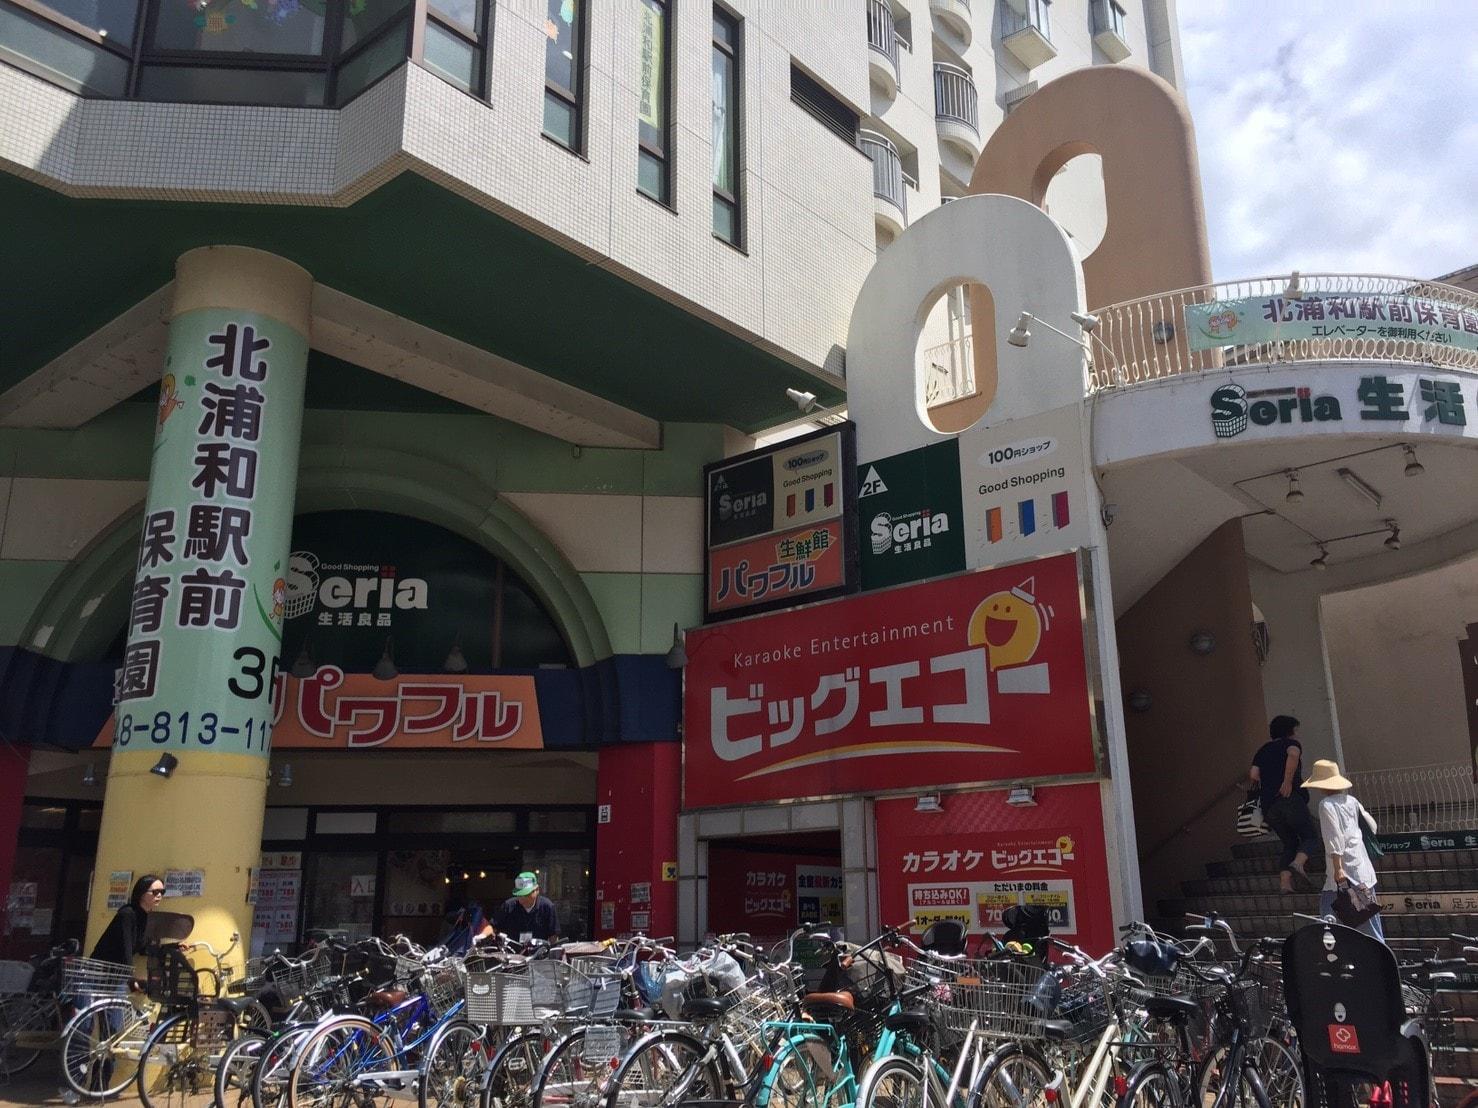 100円ショップやカラオケが入っている建物